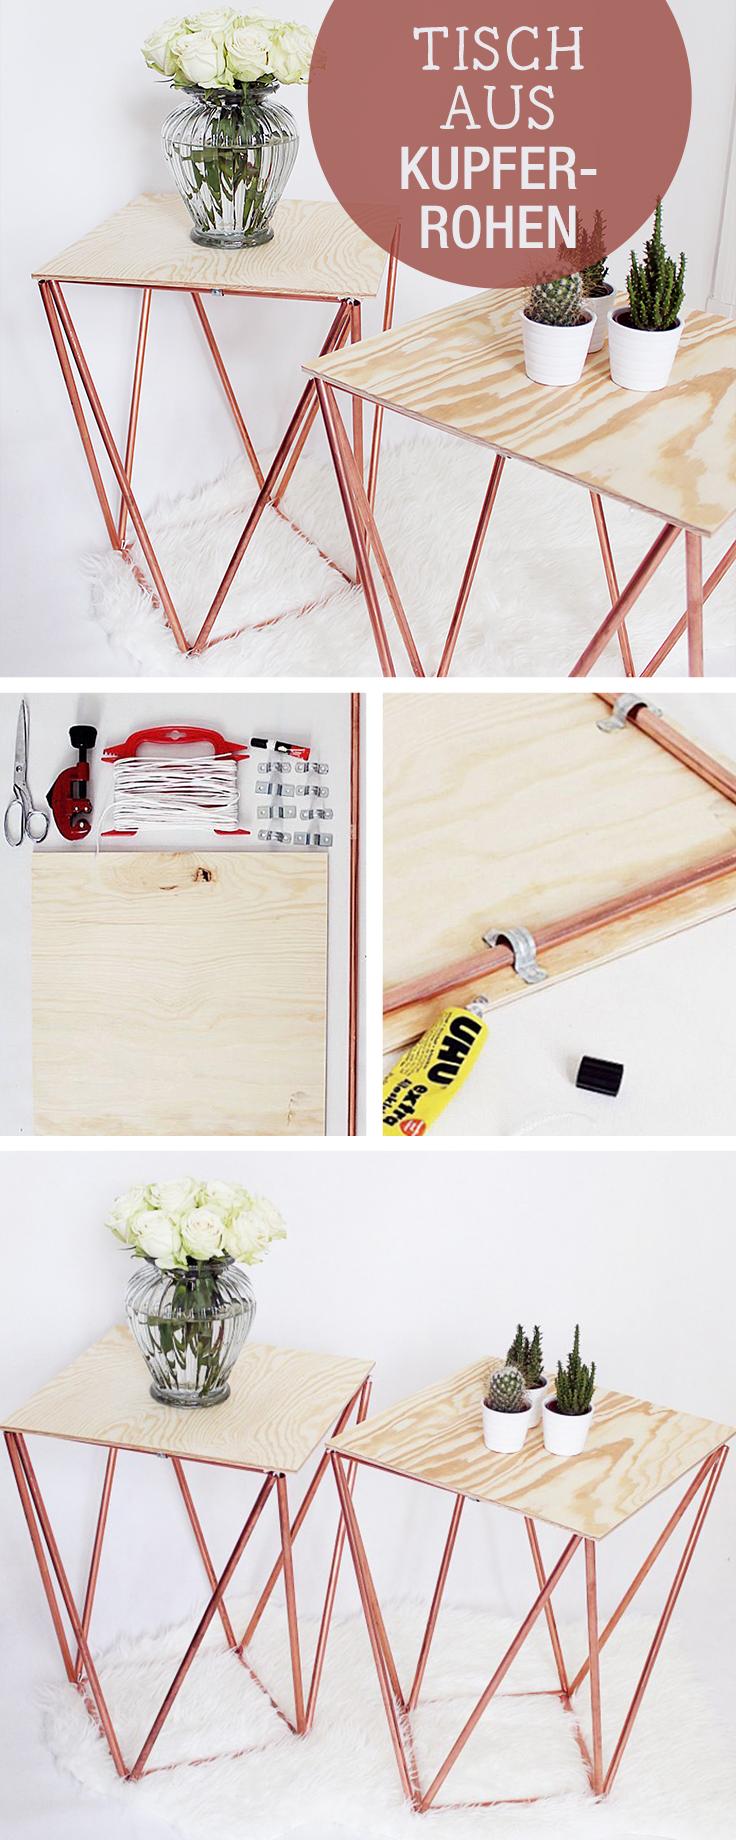 DIY Anleitung für einen Tisch aus Kupferrohren, geometrisches Design / crafting inspiration: table made of copper pipes, industrial design via DaWanda.com #industridesign